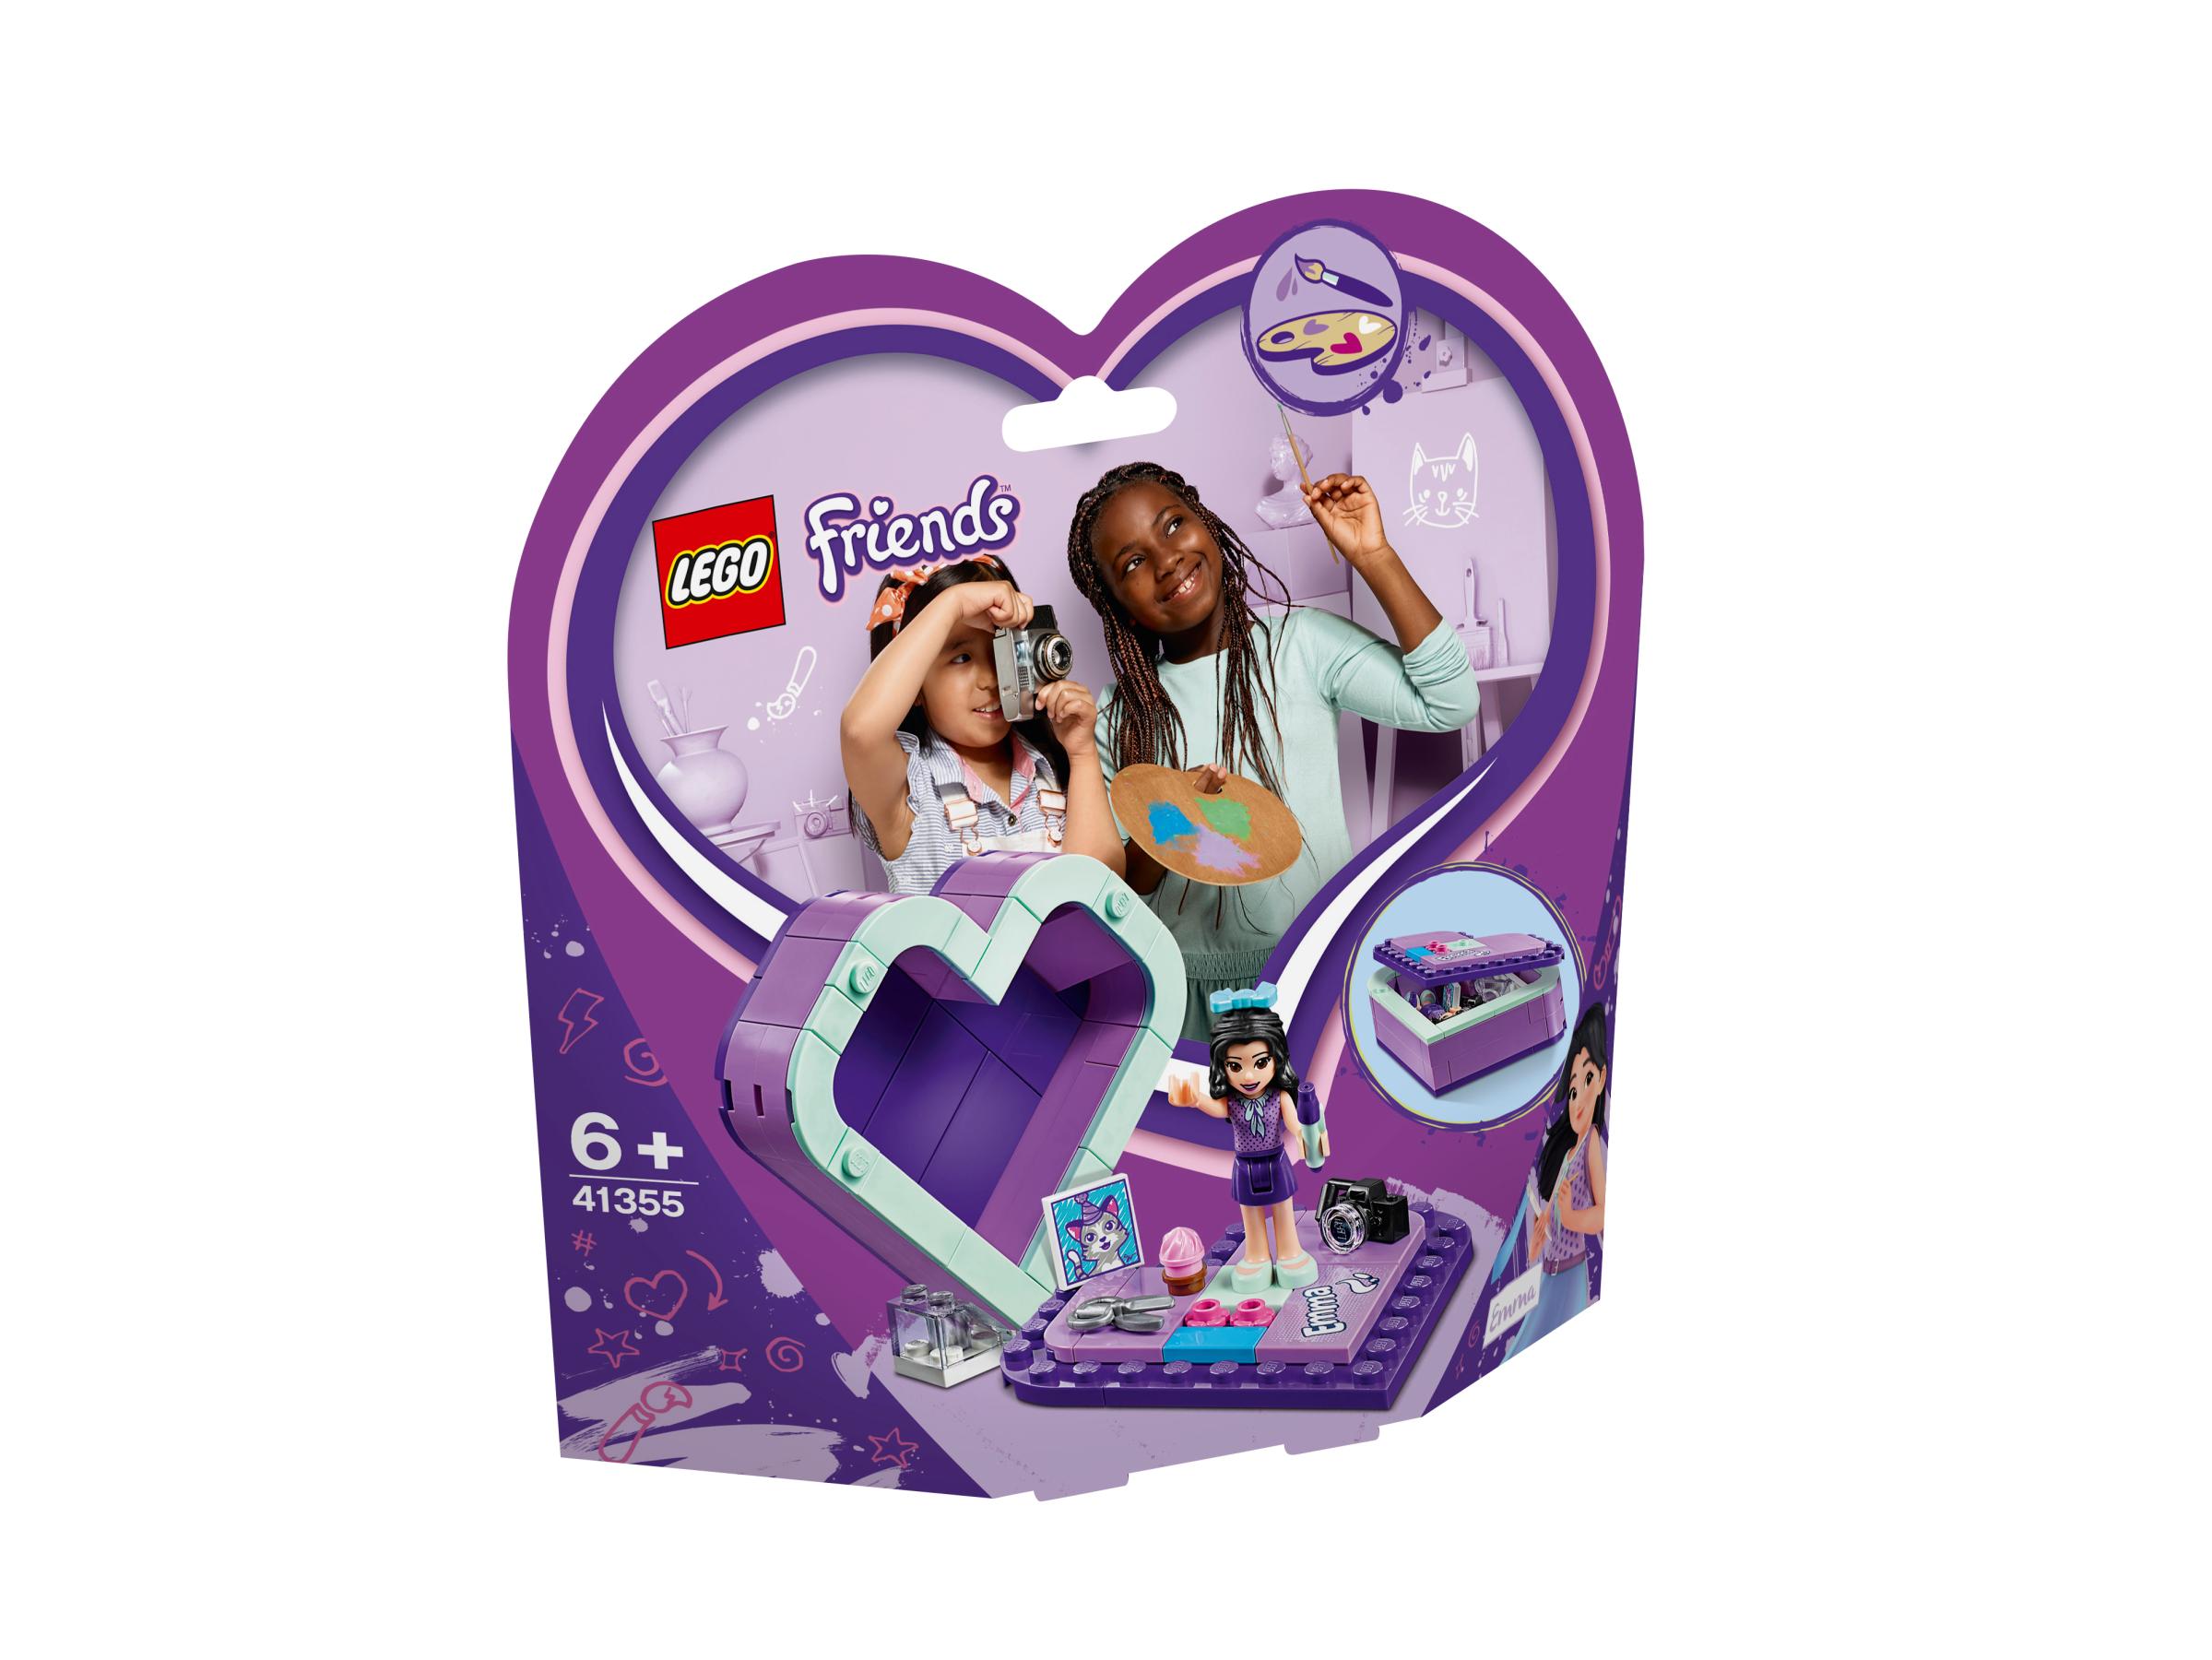 lego friends cuore  LEGO FRIENDS SCATOLA DEL CUORE DI EMMA 41355